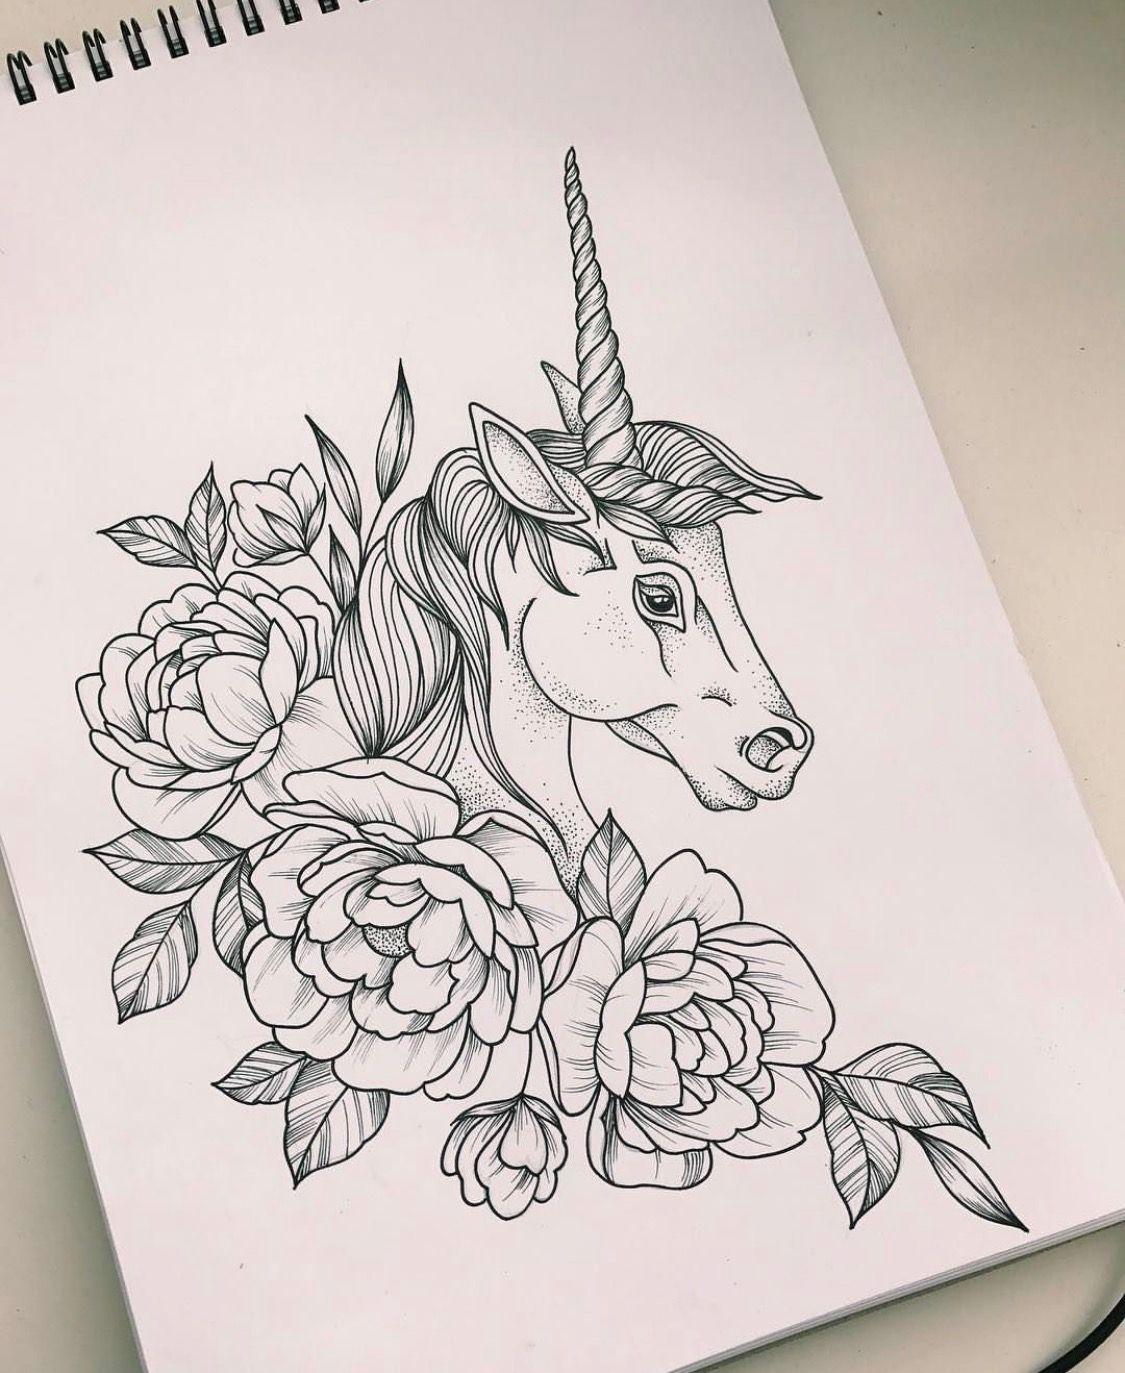 Pin De Claudia Membreño En Ideas Tattoos: Pin Van Claudia Membreño Op Ideas Tattoos In 2019